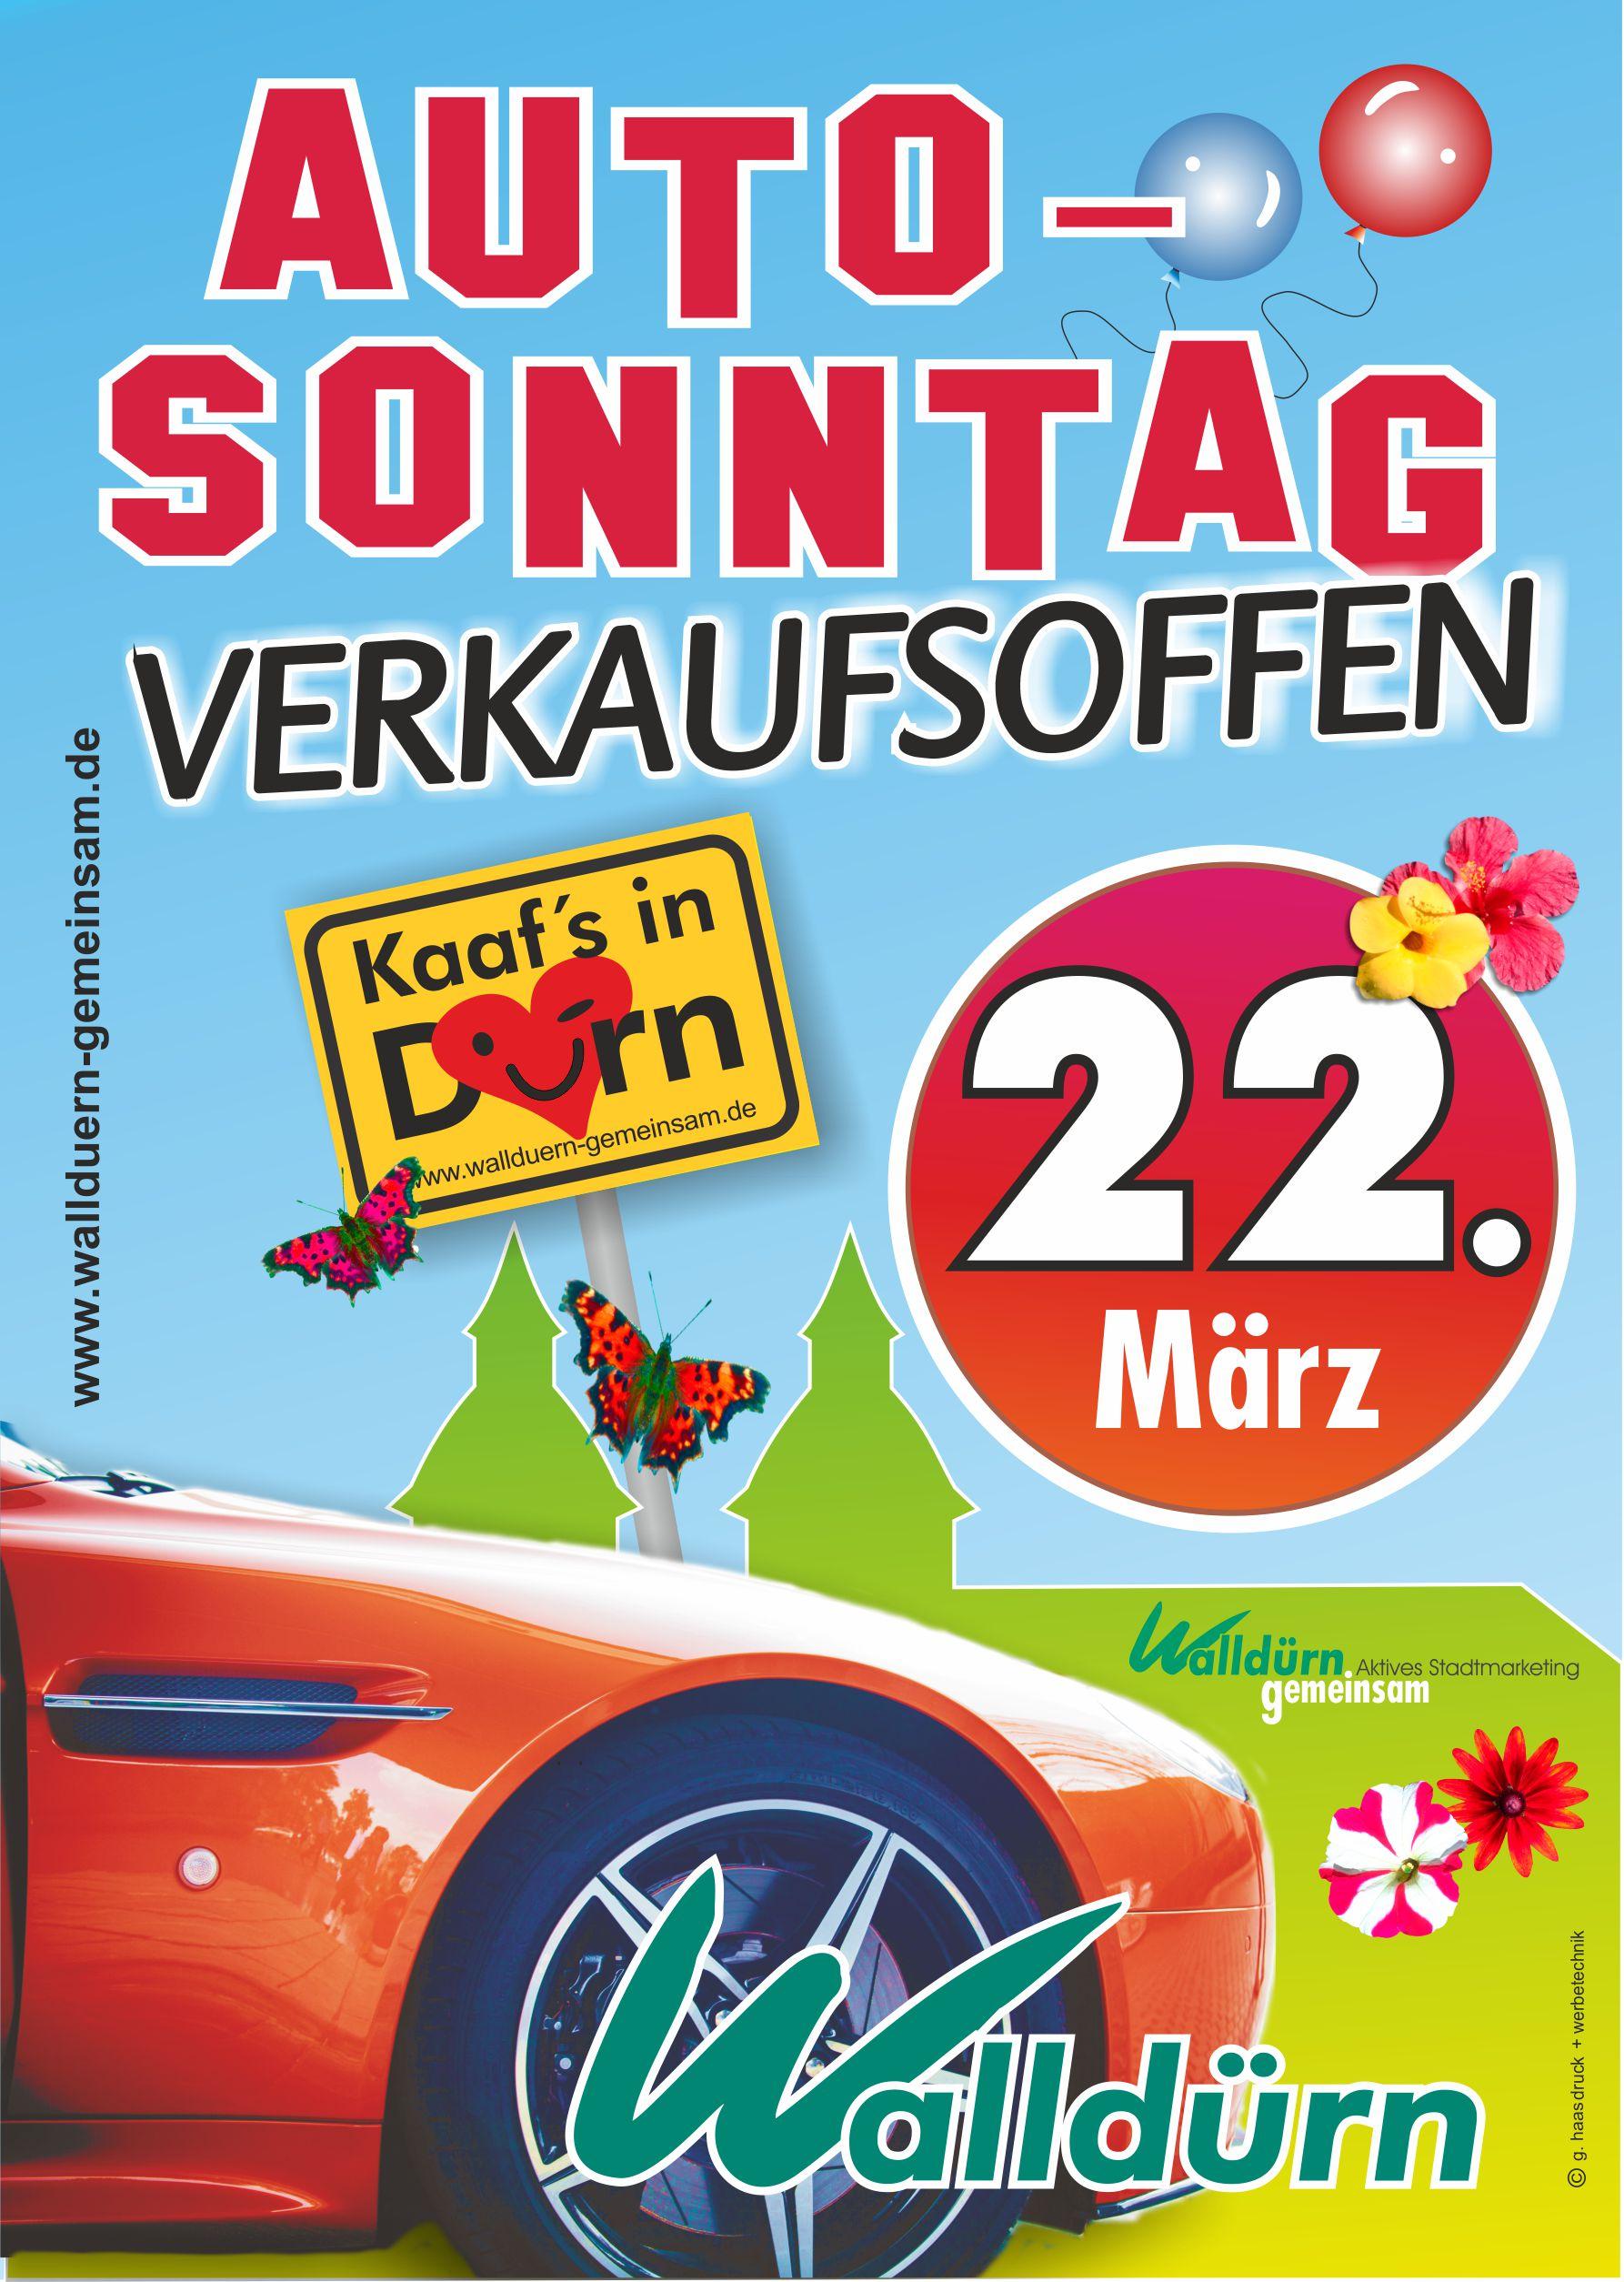 Verkaufsoffener-Auto-Sonntag 2020